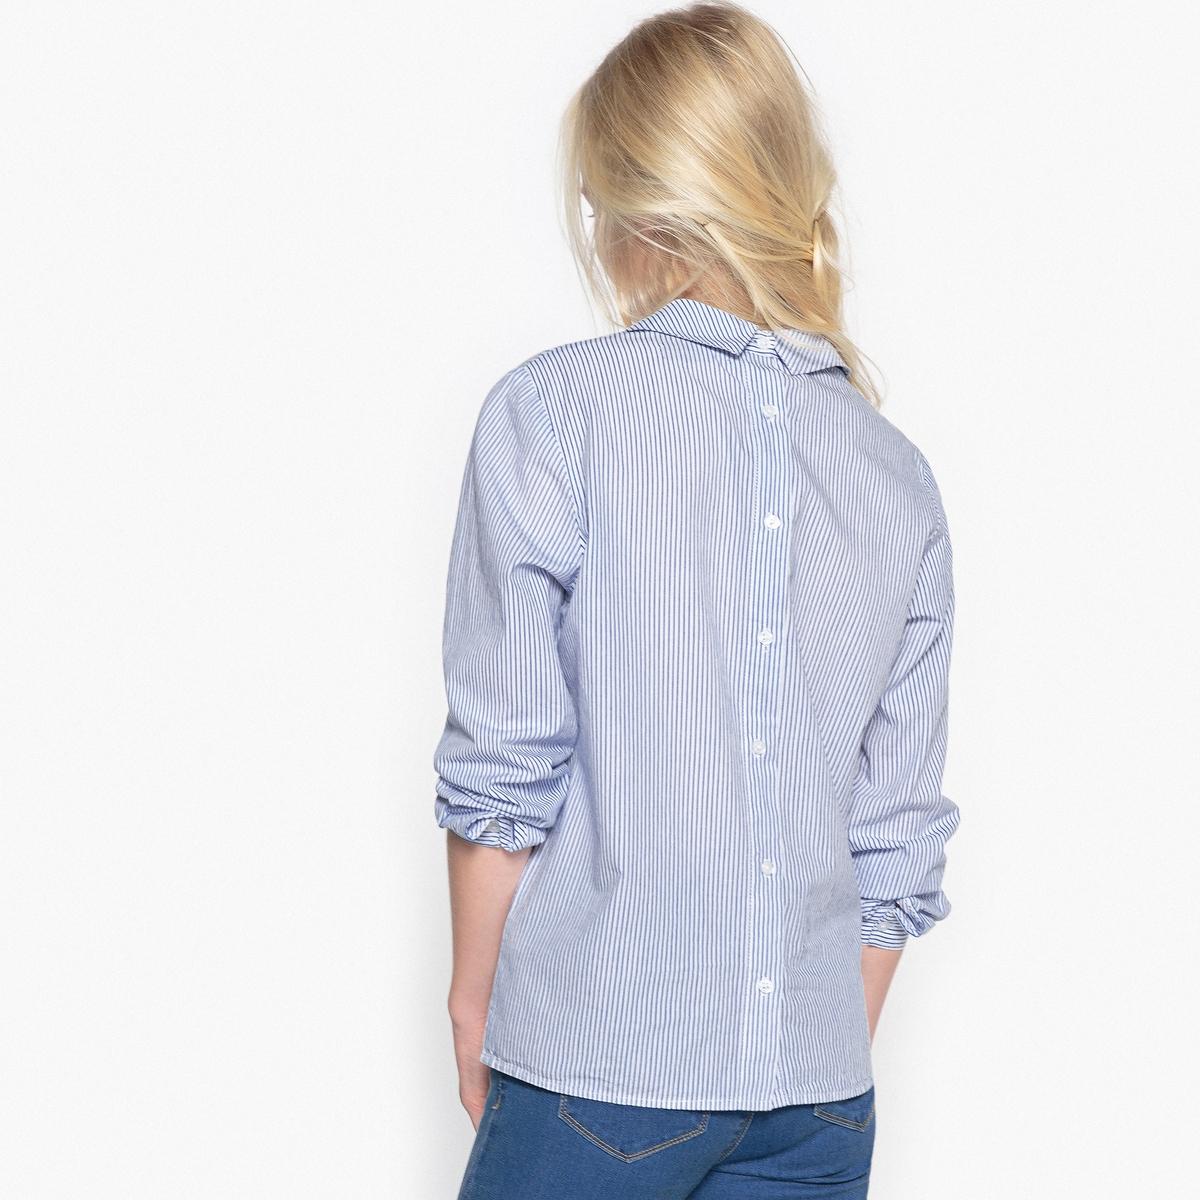 Рубашка в полоску с застежкой на пуговицы сзади, 10-16 летСостав и описание :    Материал       100% хлопок  Уход : Машинная стирка при 30 °C с вещами схожих цветов. Машинная сушка в умеренном режиме. Гладить при средней температуре.<br><br>Цвет: в полоску синий/белый